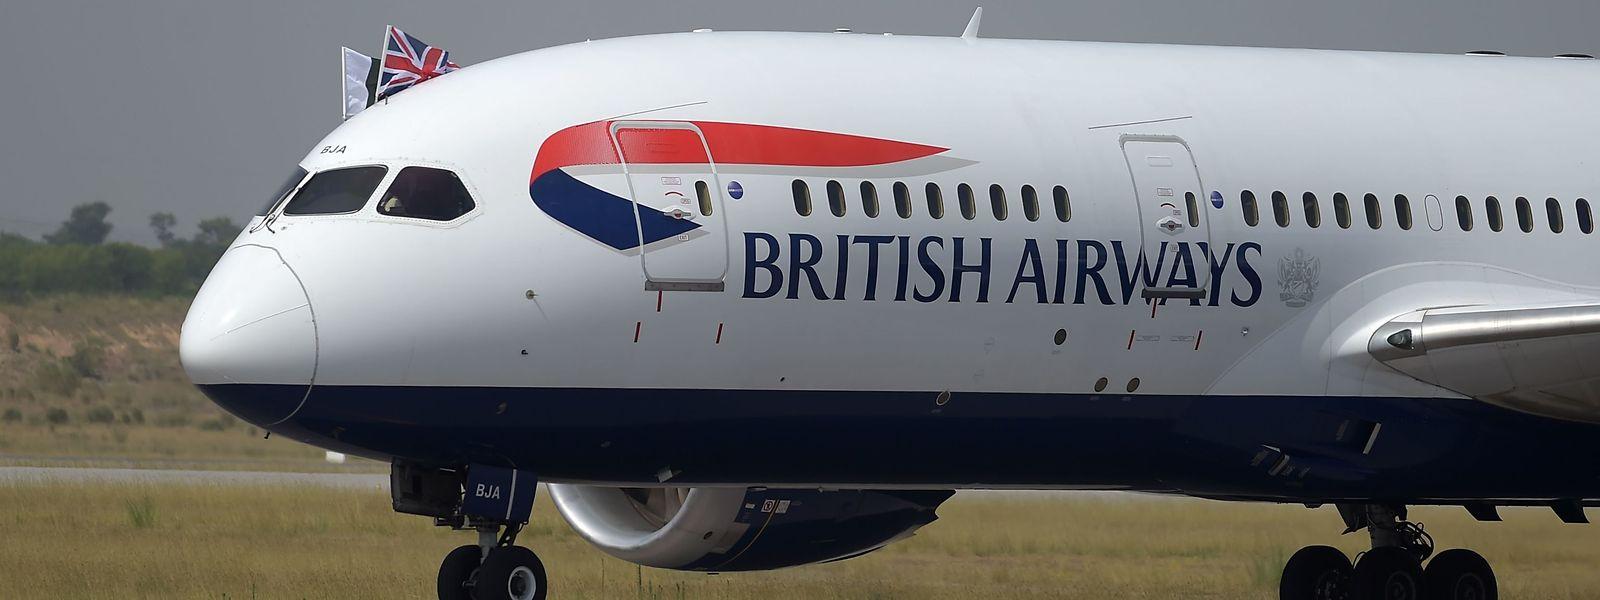 Wegen eines Pilotenstreiks bleiben am Montag und Dienstag viele Flugzeuge der British Airways am Boden.